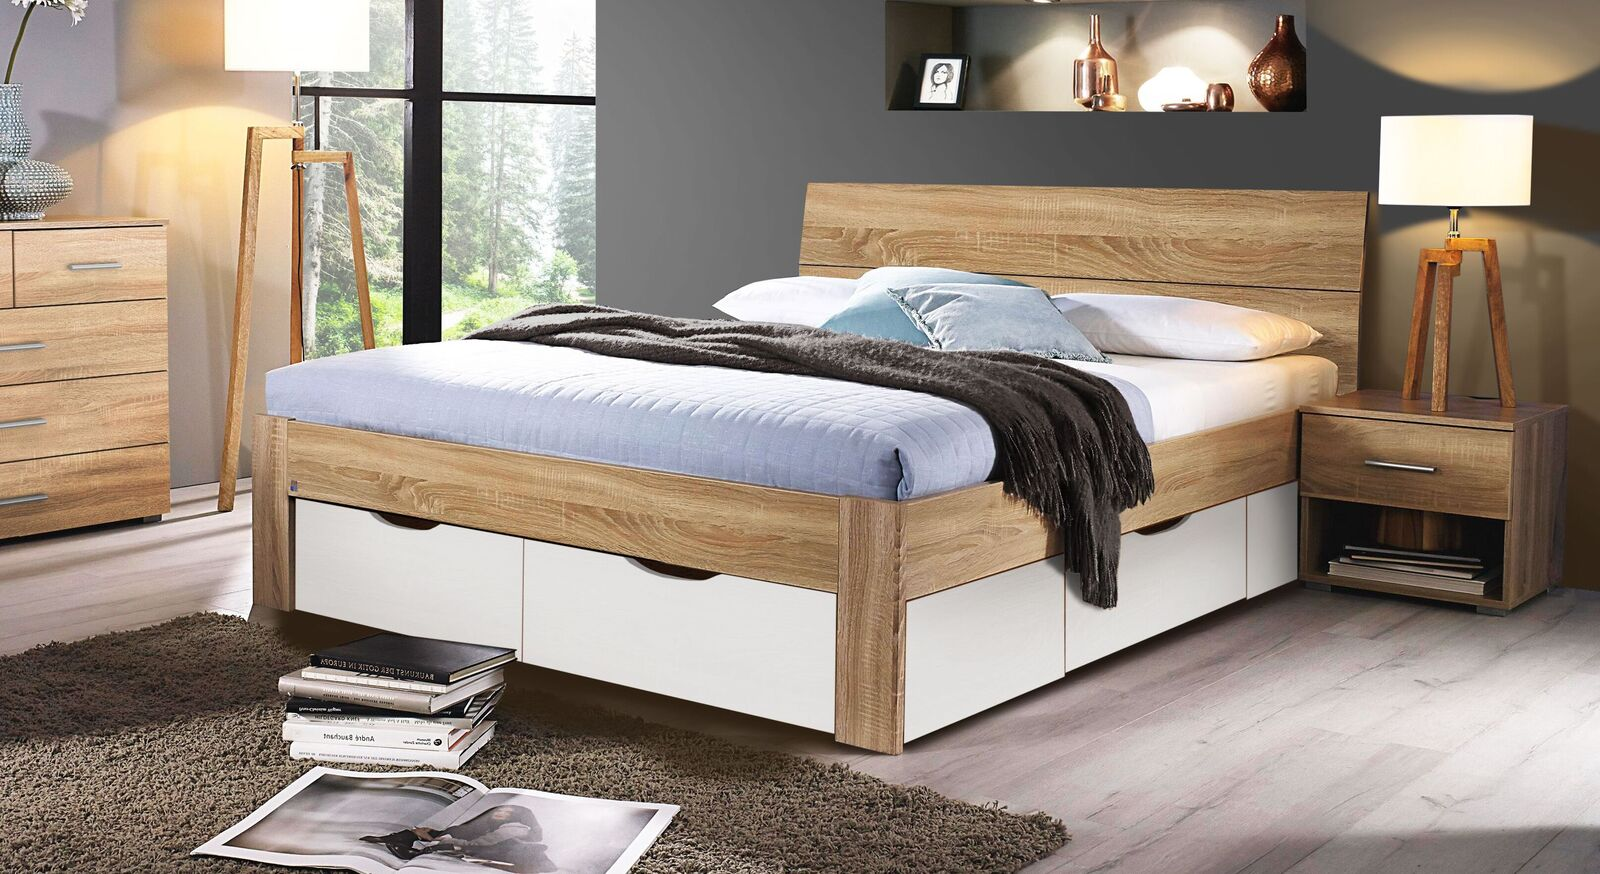 Schubkastenbett Oliana mit integriertem Stauraum